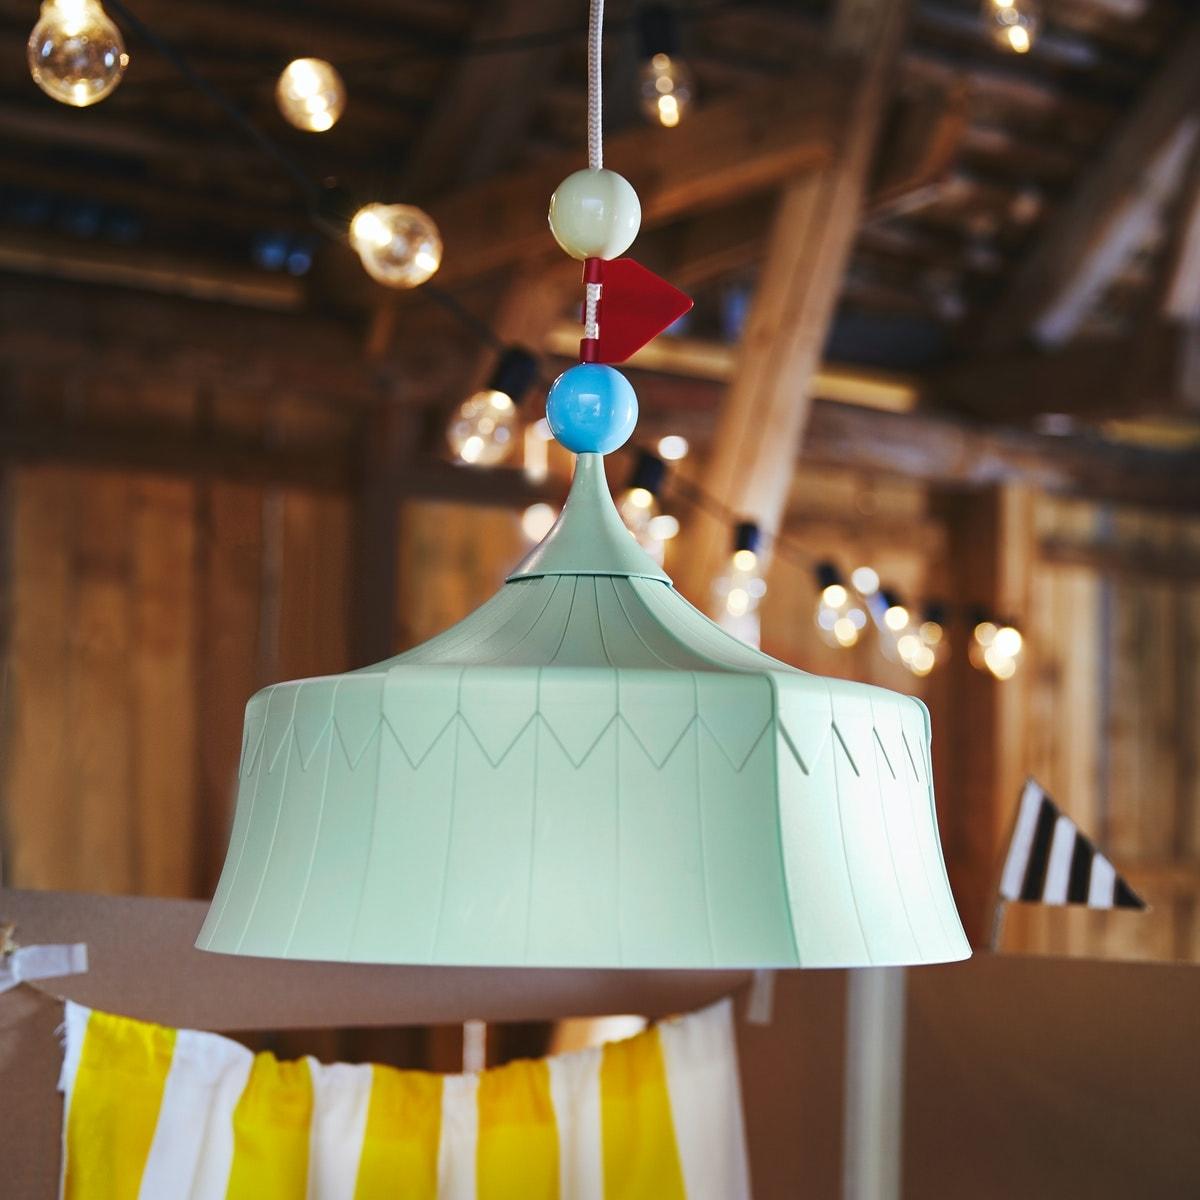 TROLLBO Hängeleuchte hellgrün im Zirkuszeltdesign in einem Raum mit viel Holz